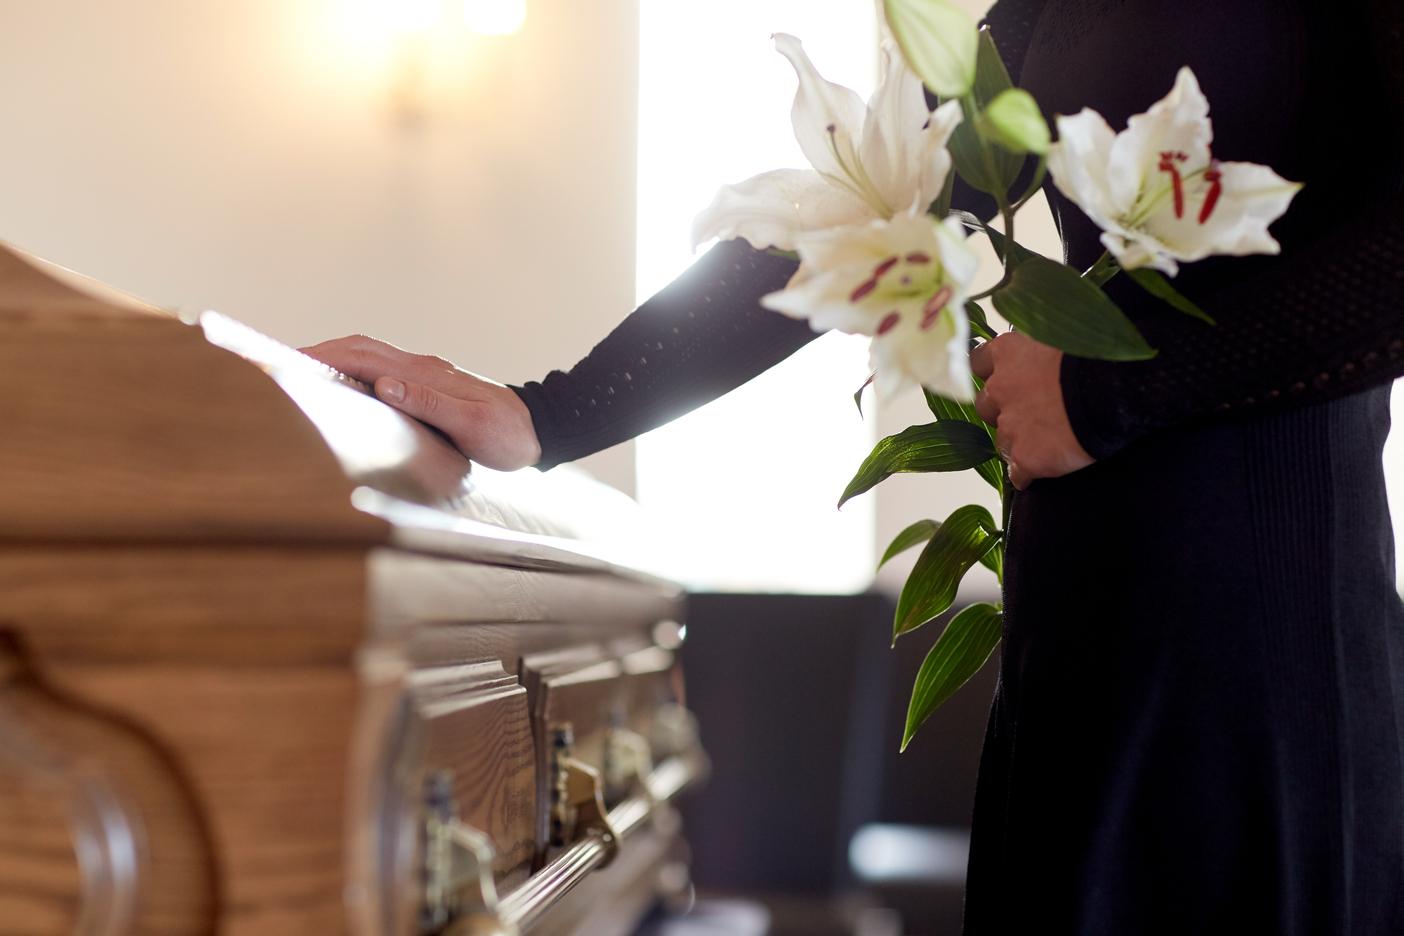 Servizio di consegna fiori funebri: a chi rivolgersi?